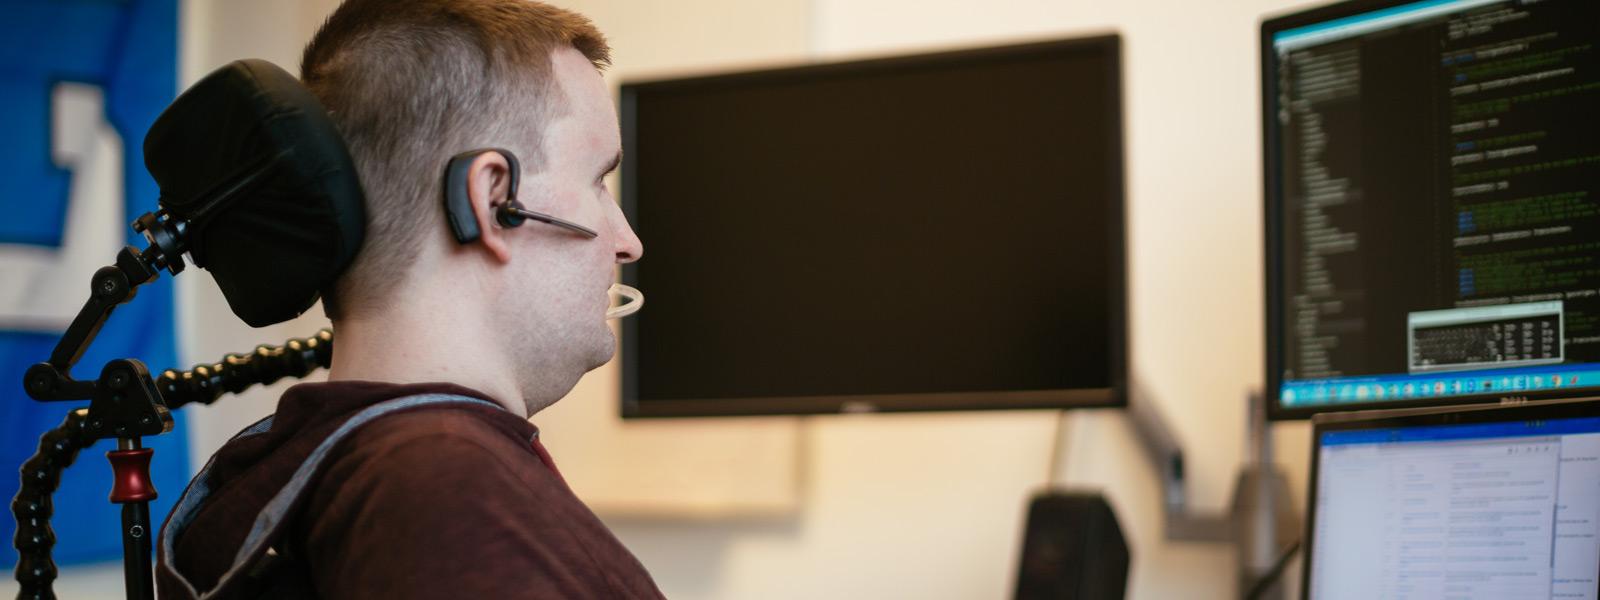 Một người đàn ông tại bàn làm việc đang sử dụng công nghệ phần cứng hỗ trợ để thao tác trên một máy tính chạy Windows 10 với tính năng điều khiển bằng mắt